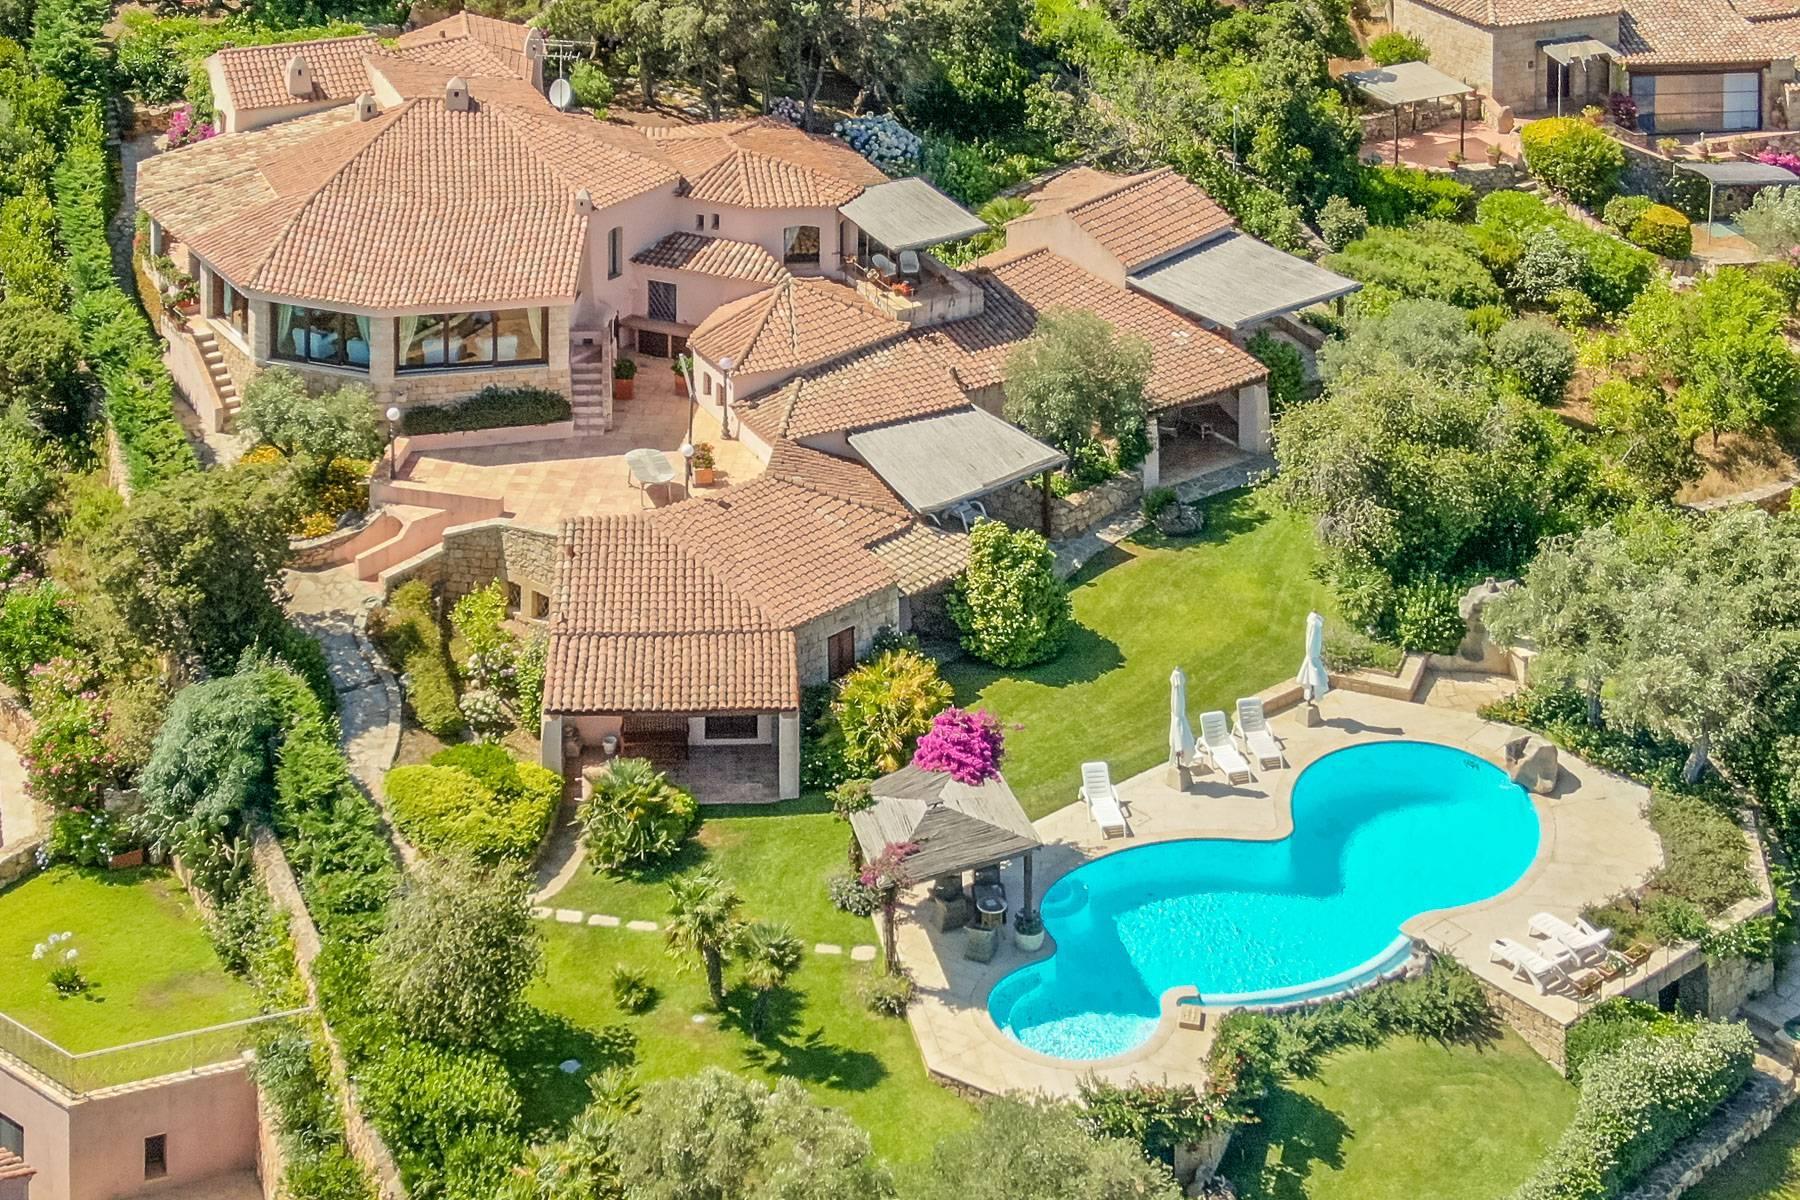 Bellissima villa indipendente con piscina a pochi passi dal Golf Club e Cala di Volpe - 1